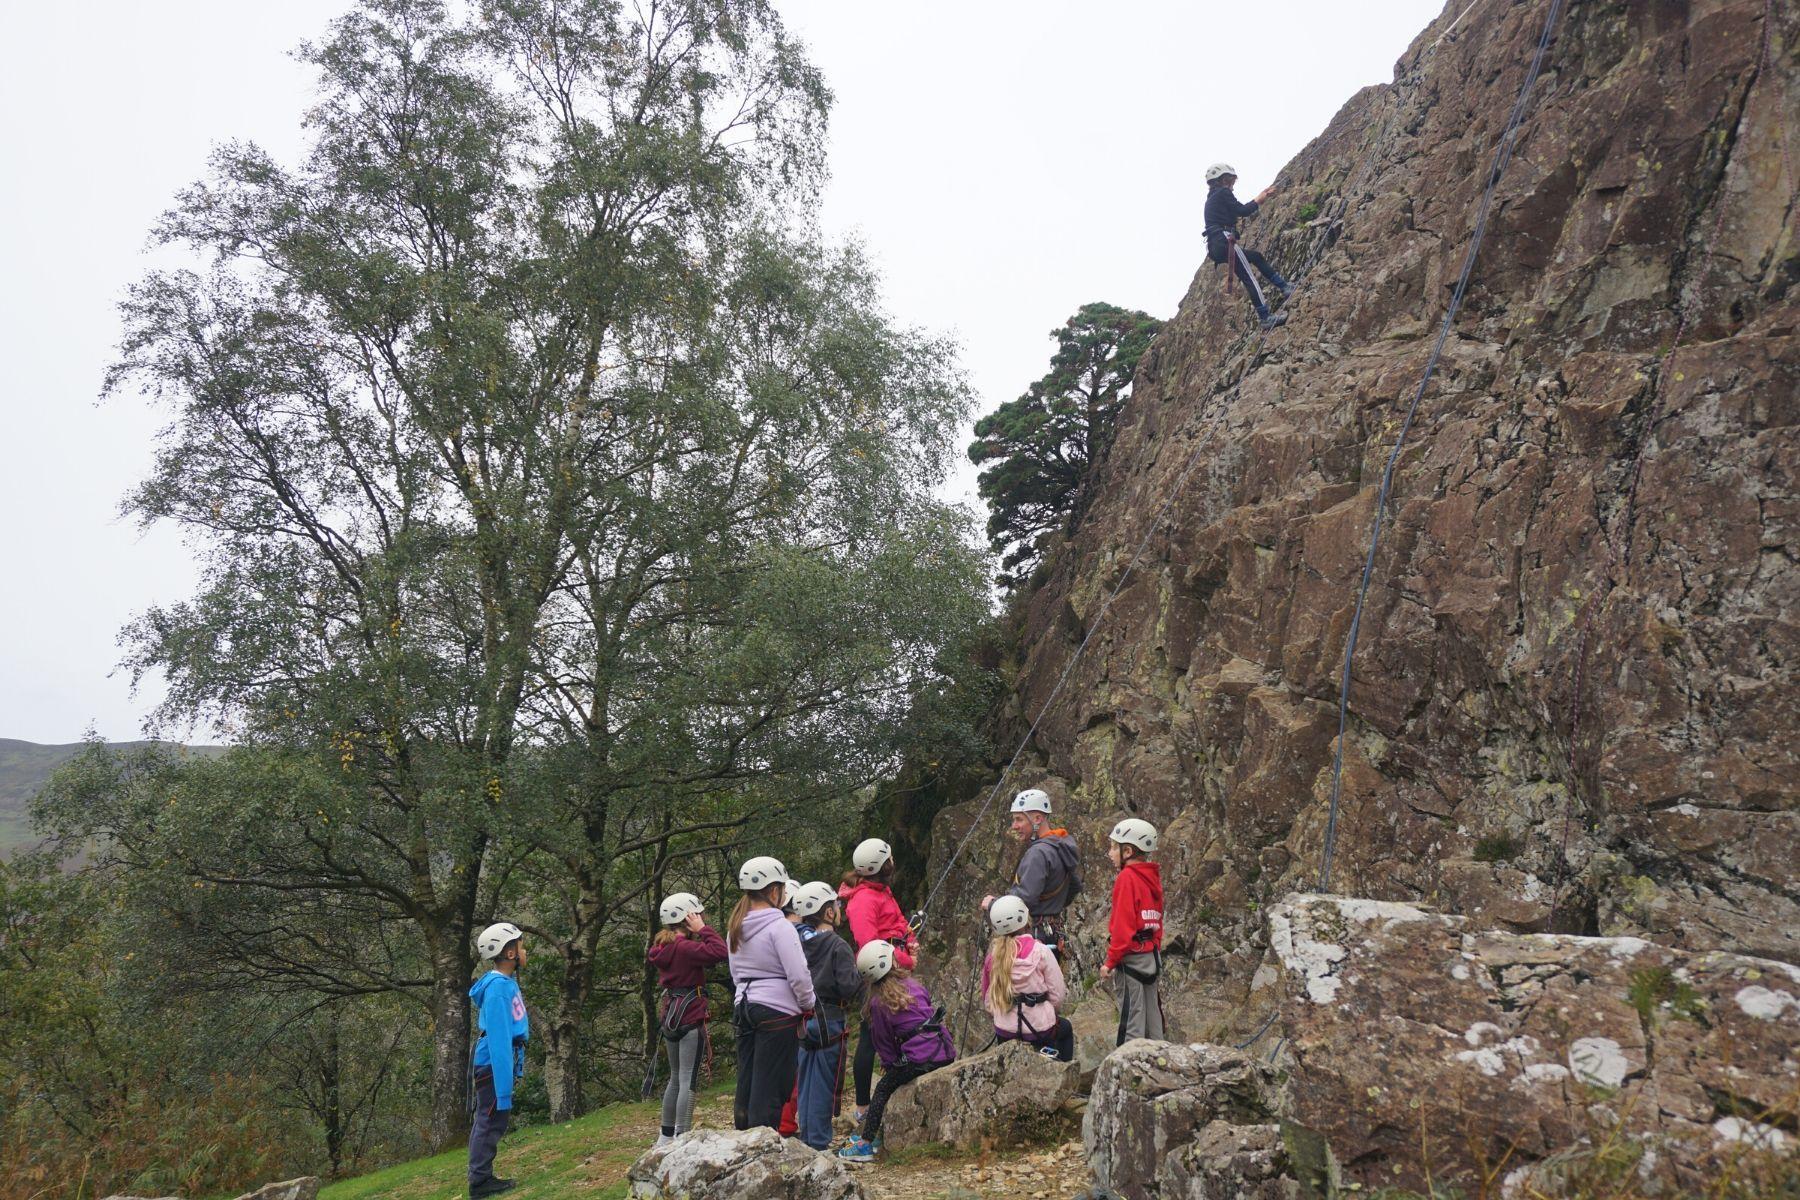 Rock Climbing in Keswick